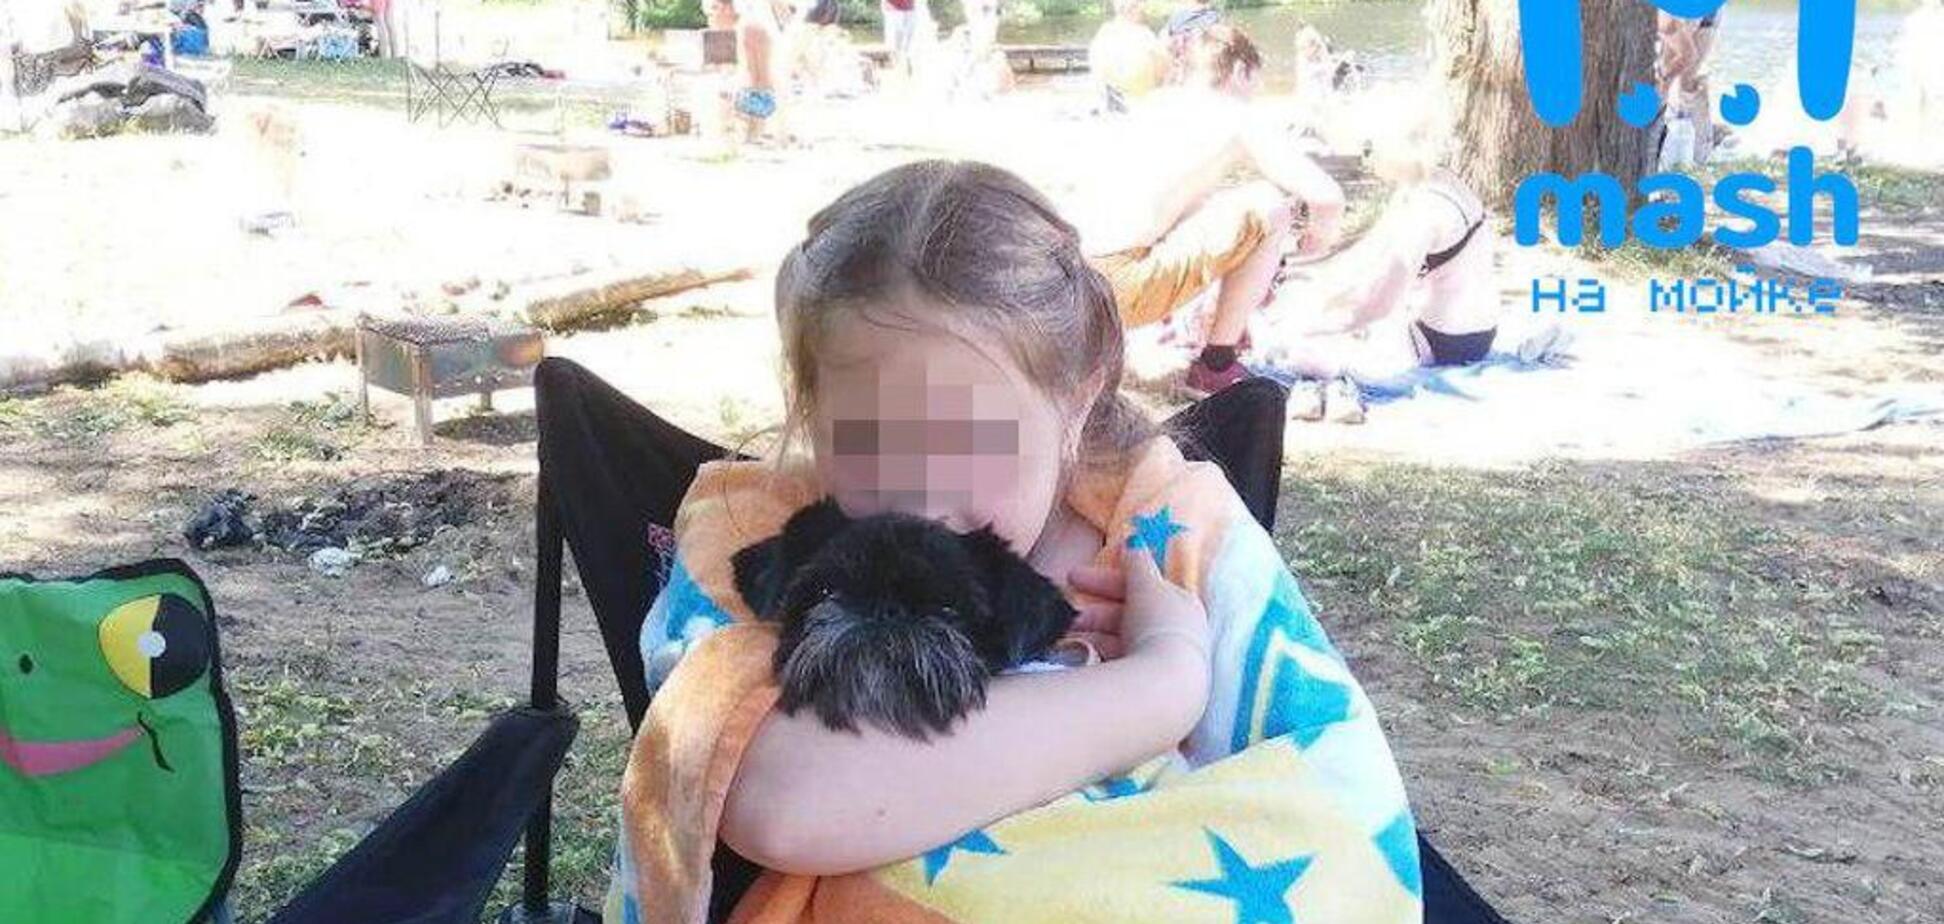 Стало известно о смерти девочки из РФ, которую засосало в бассейн в Турции